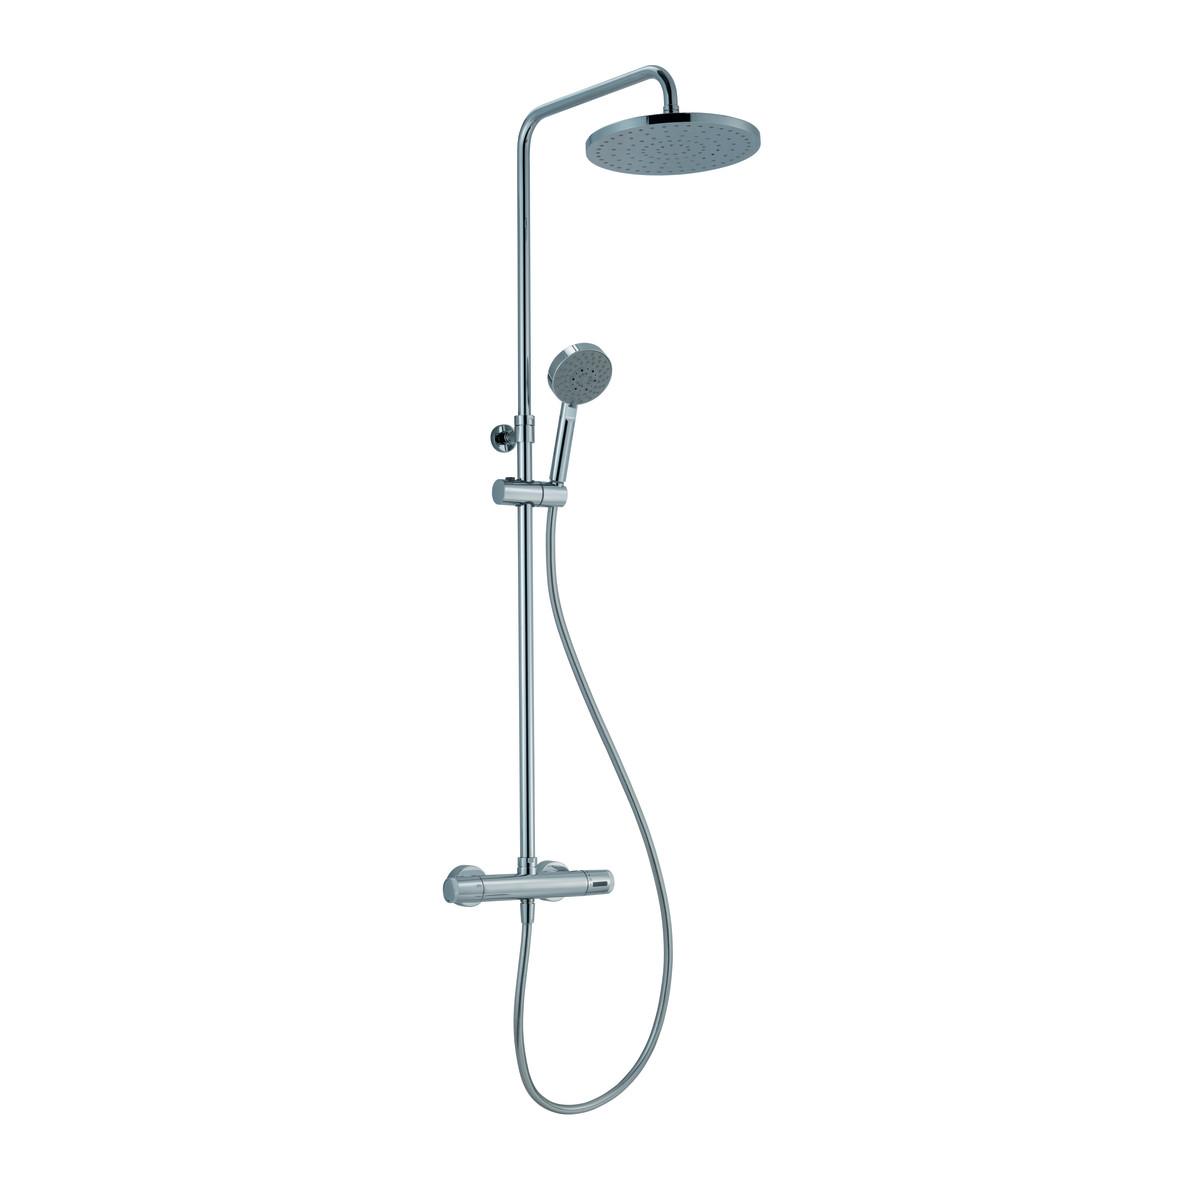 Valvola termostatica doccia al miglior prezzo casa for Colonna idro leroy merlin